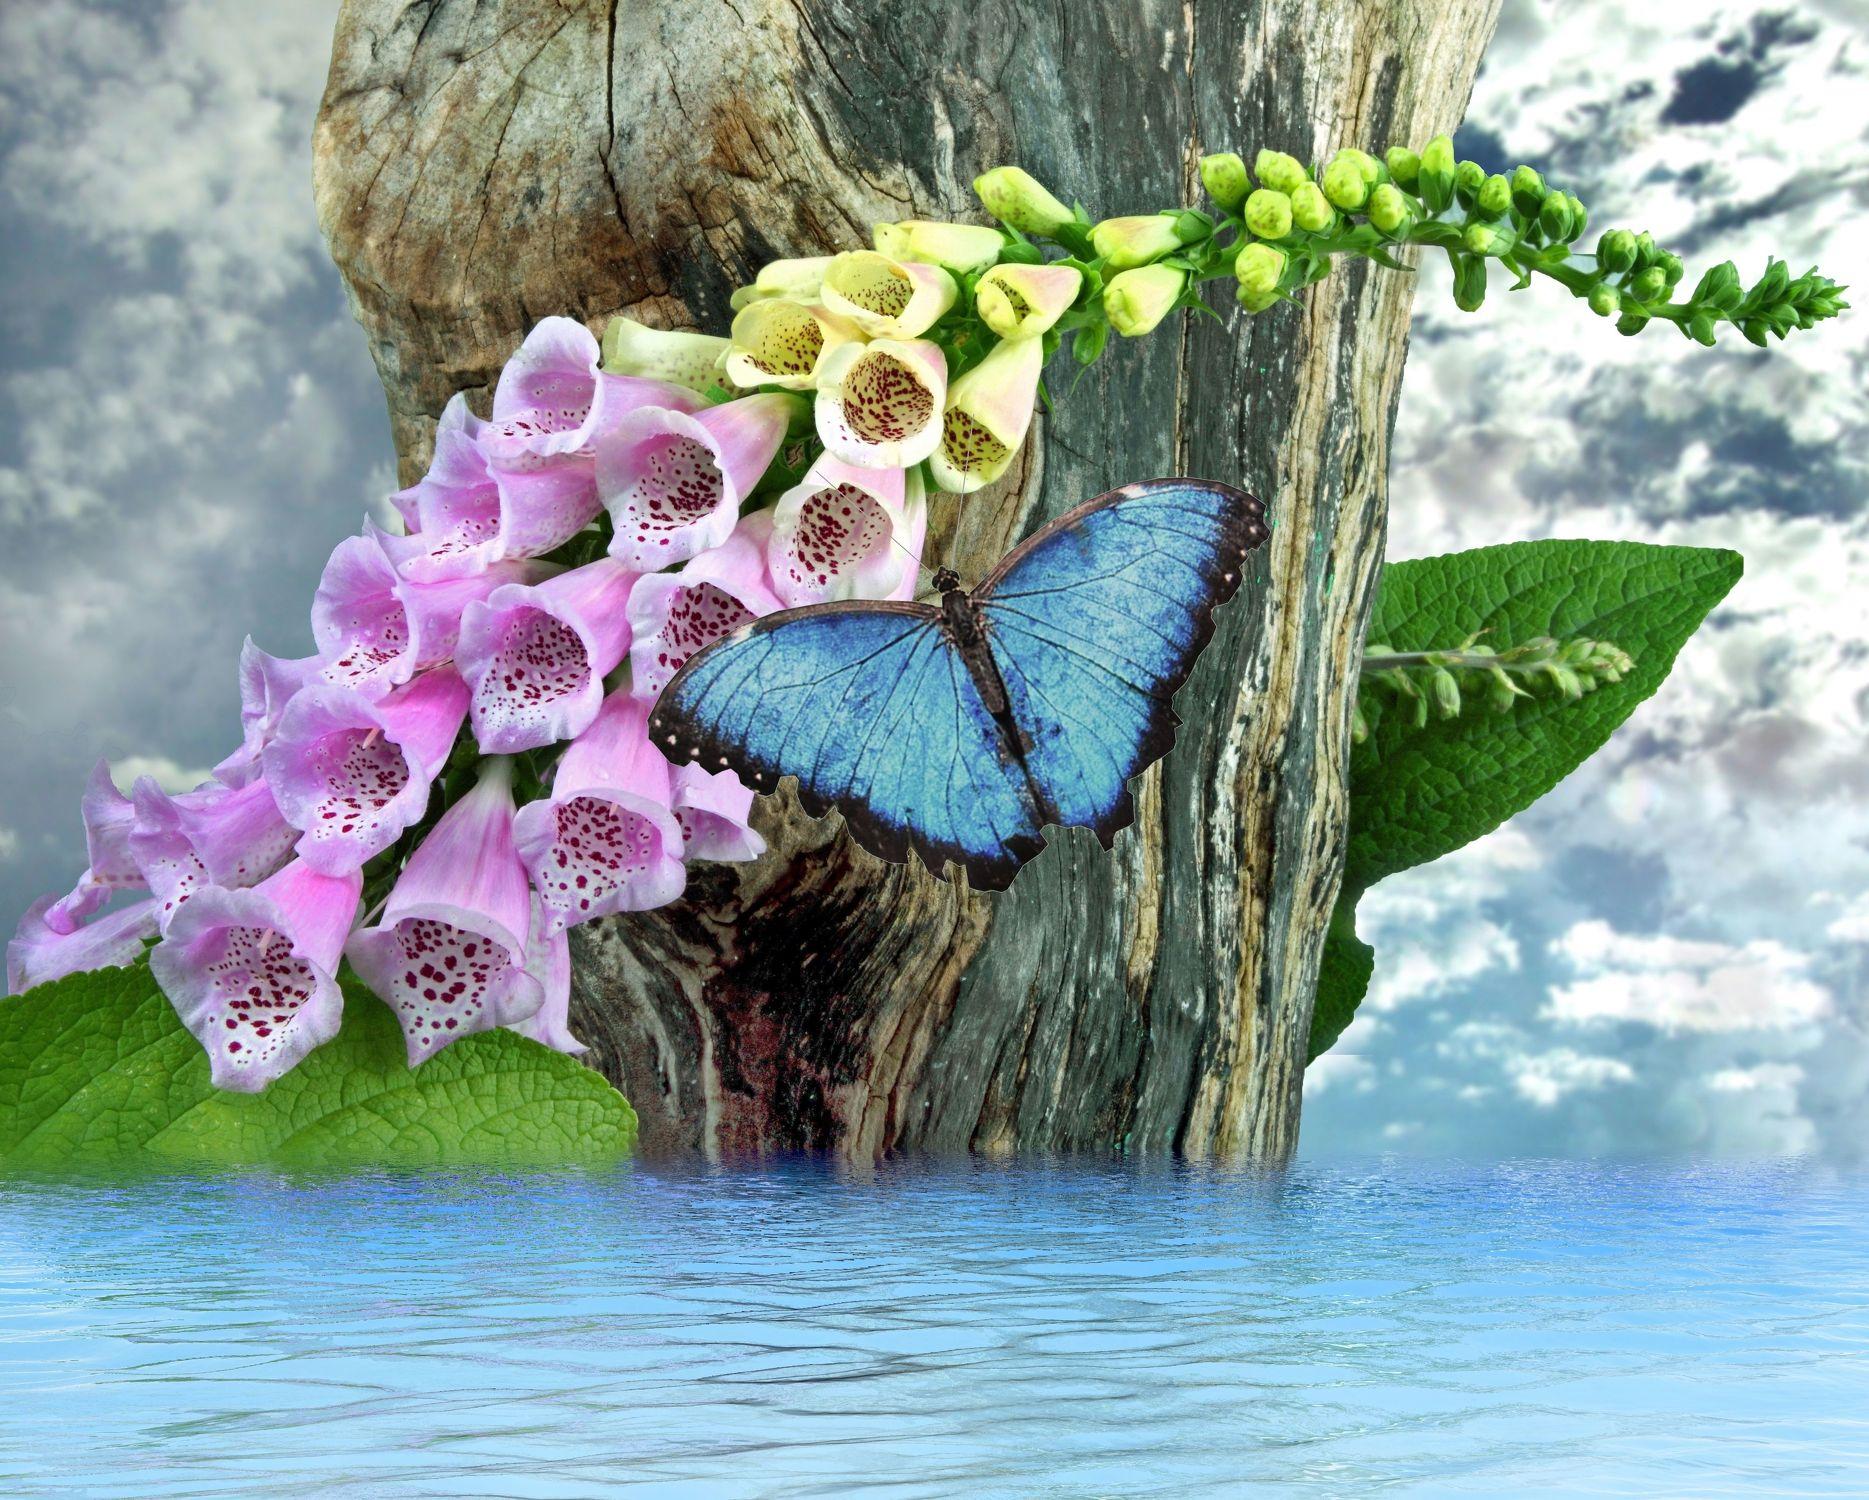 Bild mit Wasser, Pflanzen, Himmel, Wolken, Gewässer, Blumen, Baum, Blätter, Blume, Pflanze, Blatt, See, Bach, Floral, Stilleben, Florales, Schmetterling, fingerhüte, fingerhut